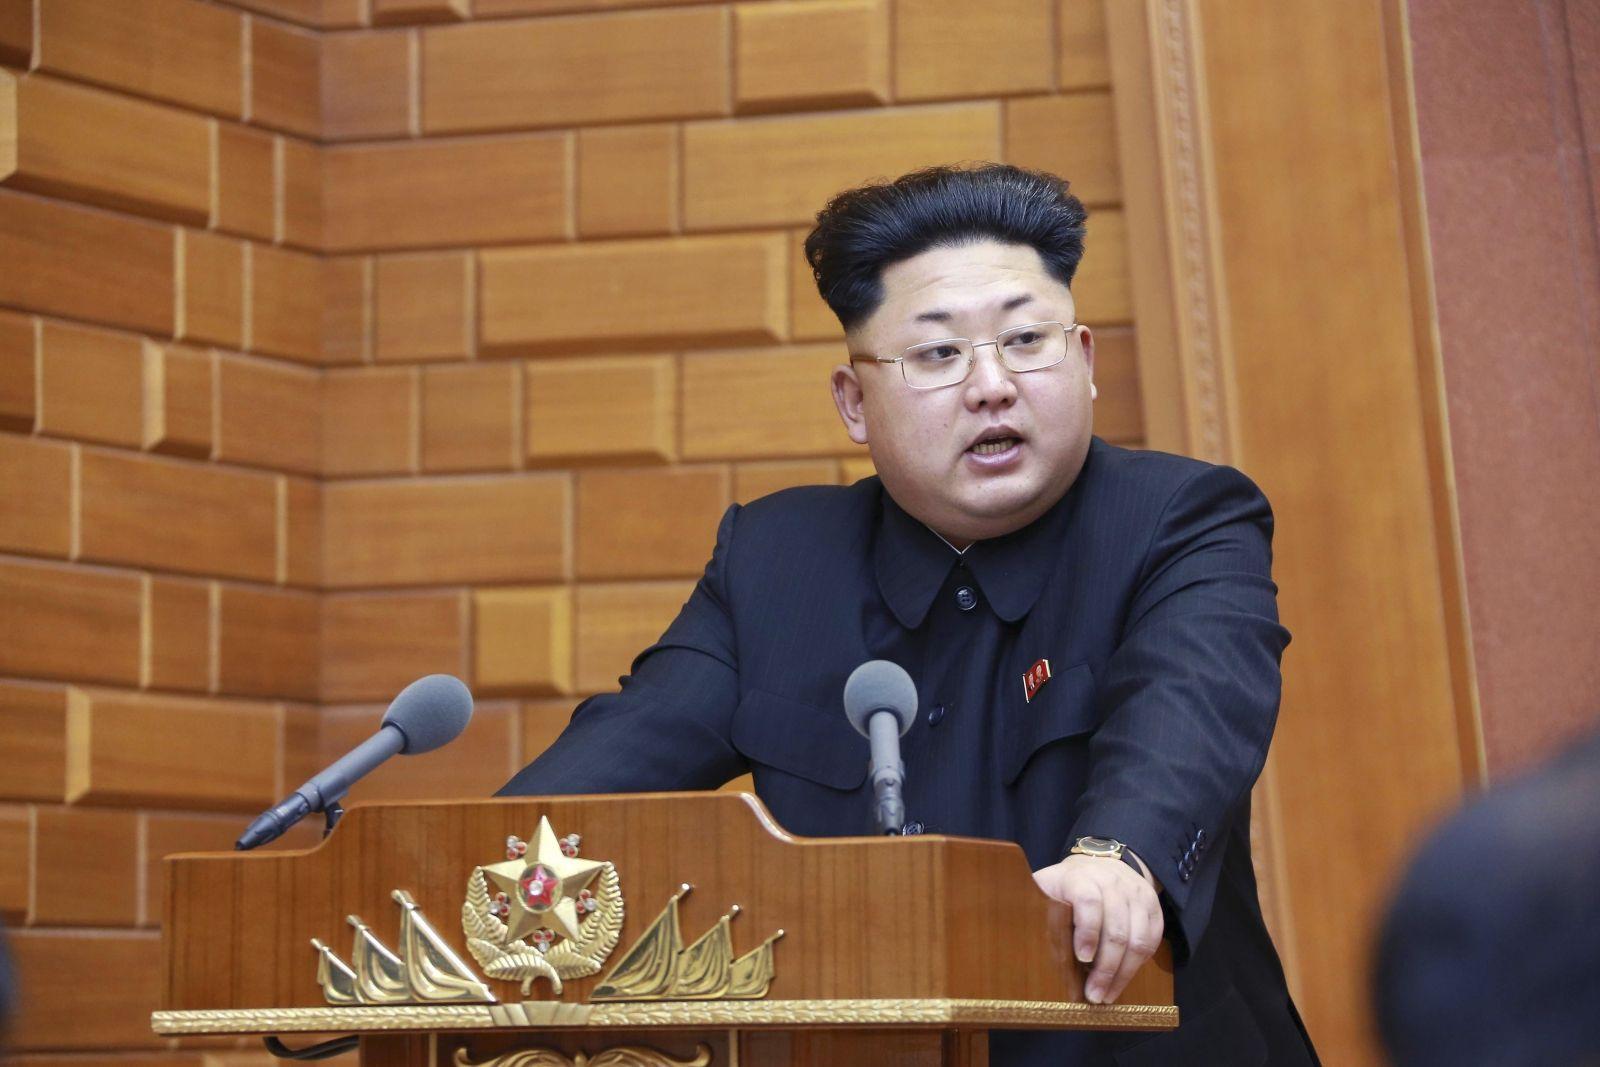 Kim Jong-un orders terrapin farmer shot